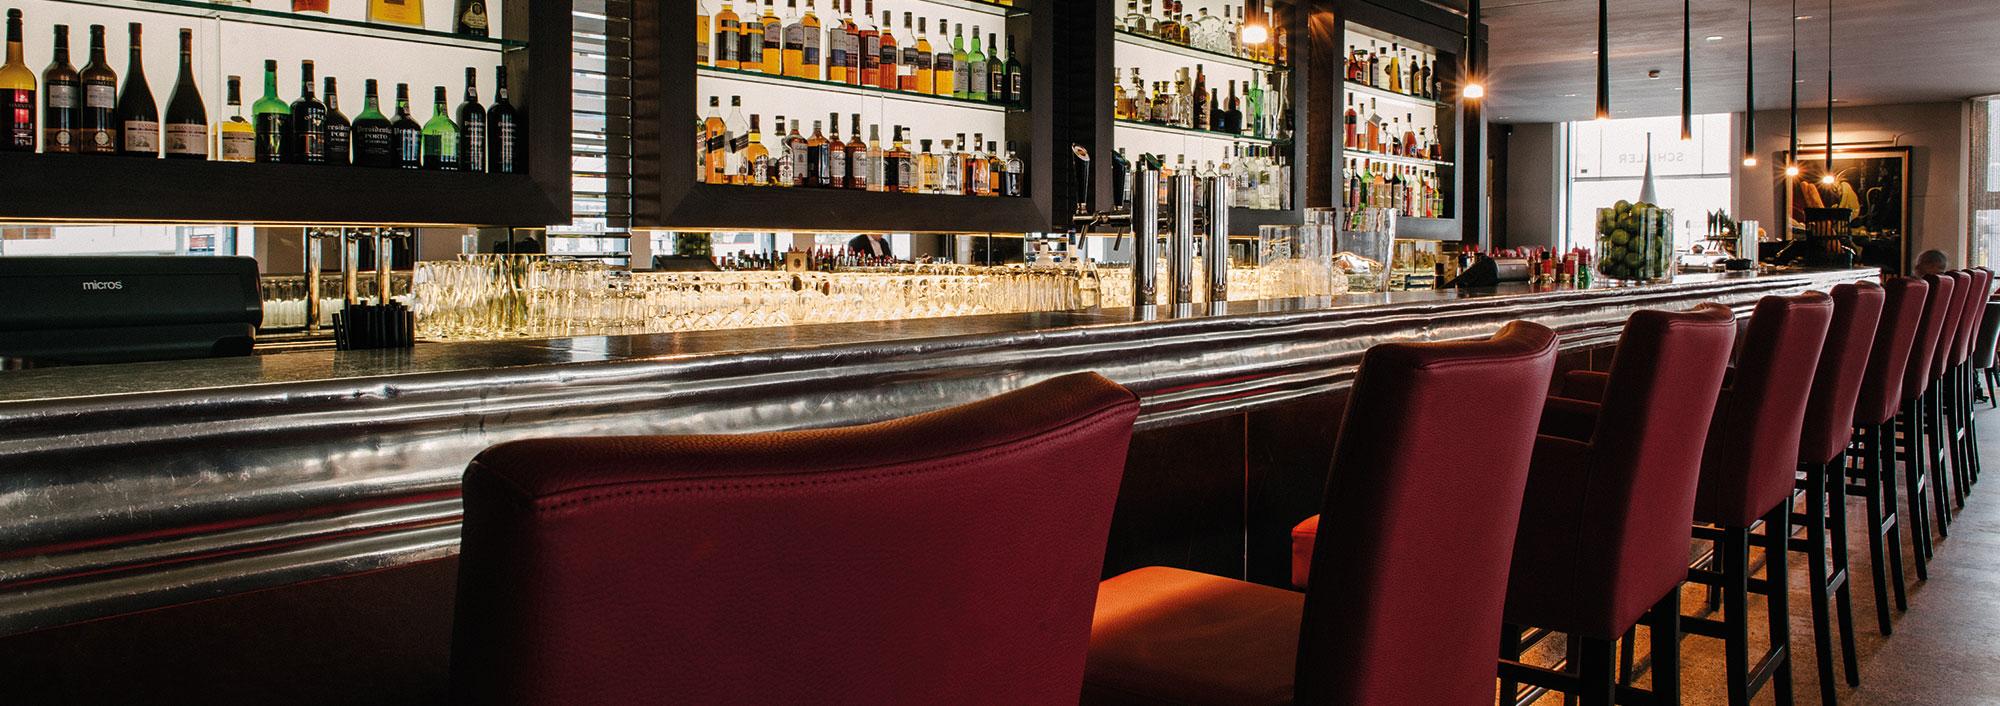 Goethe Bar im Schiller